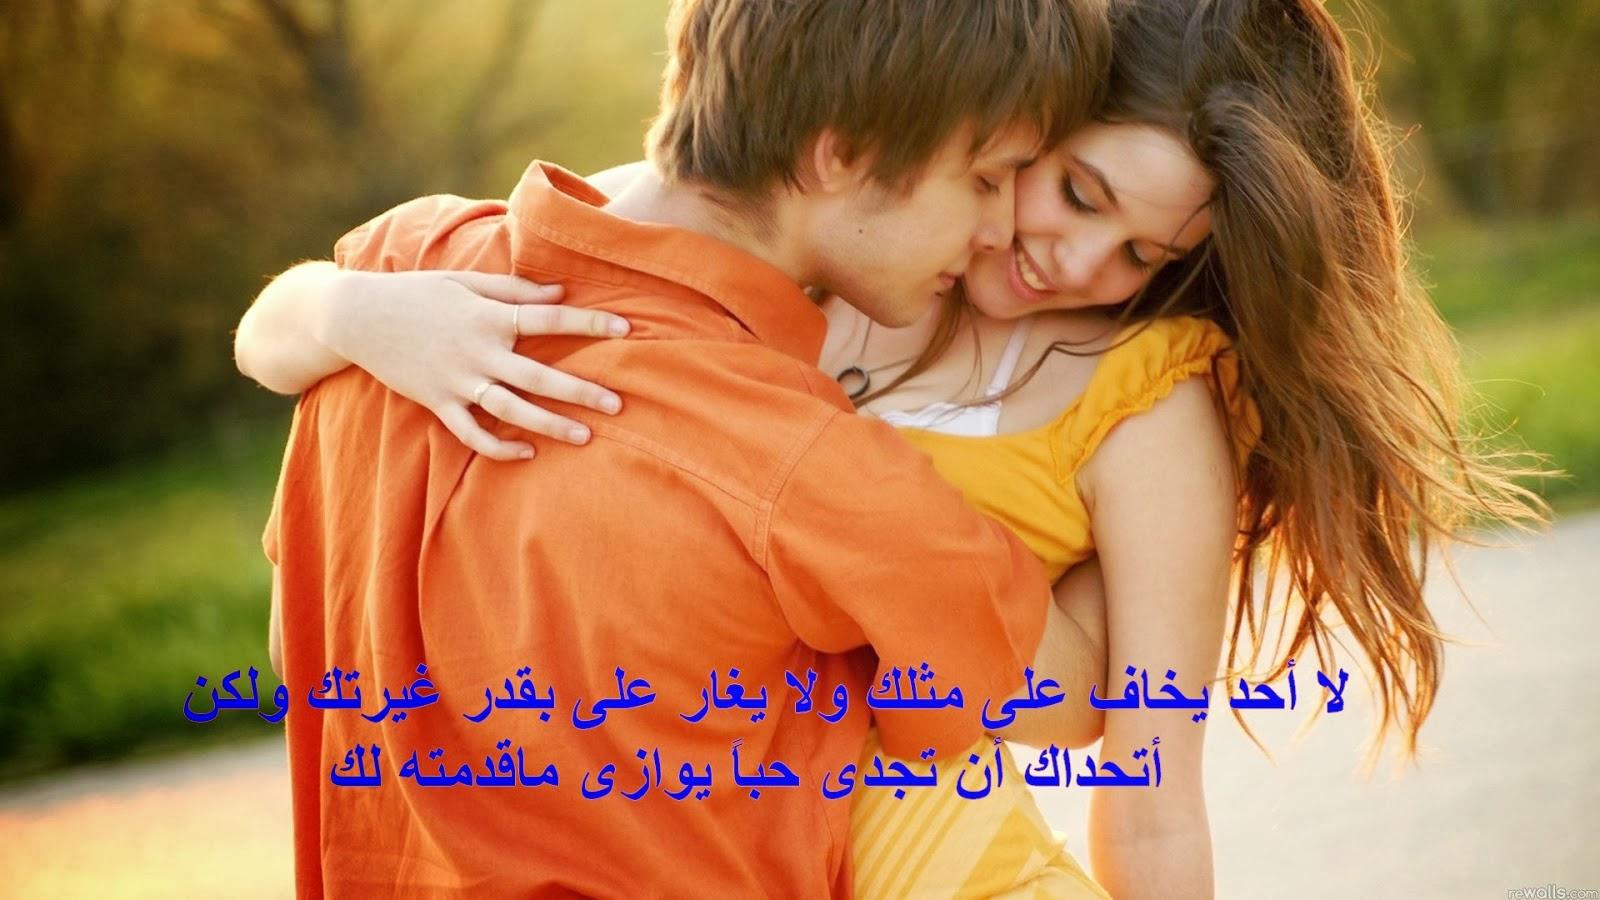 بالصور صور مكتوب عليها شعر حب وغرام 20160711 2424